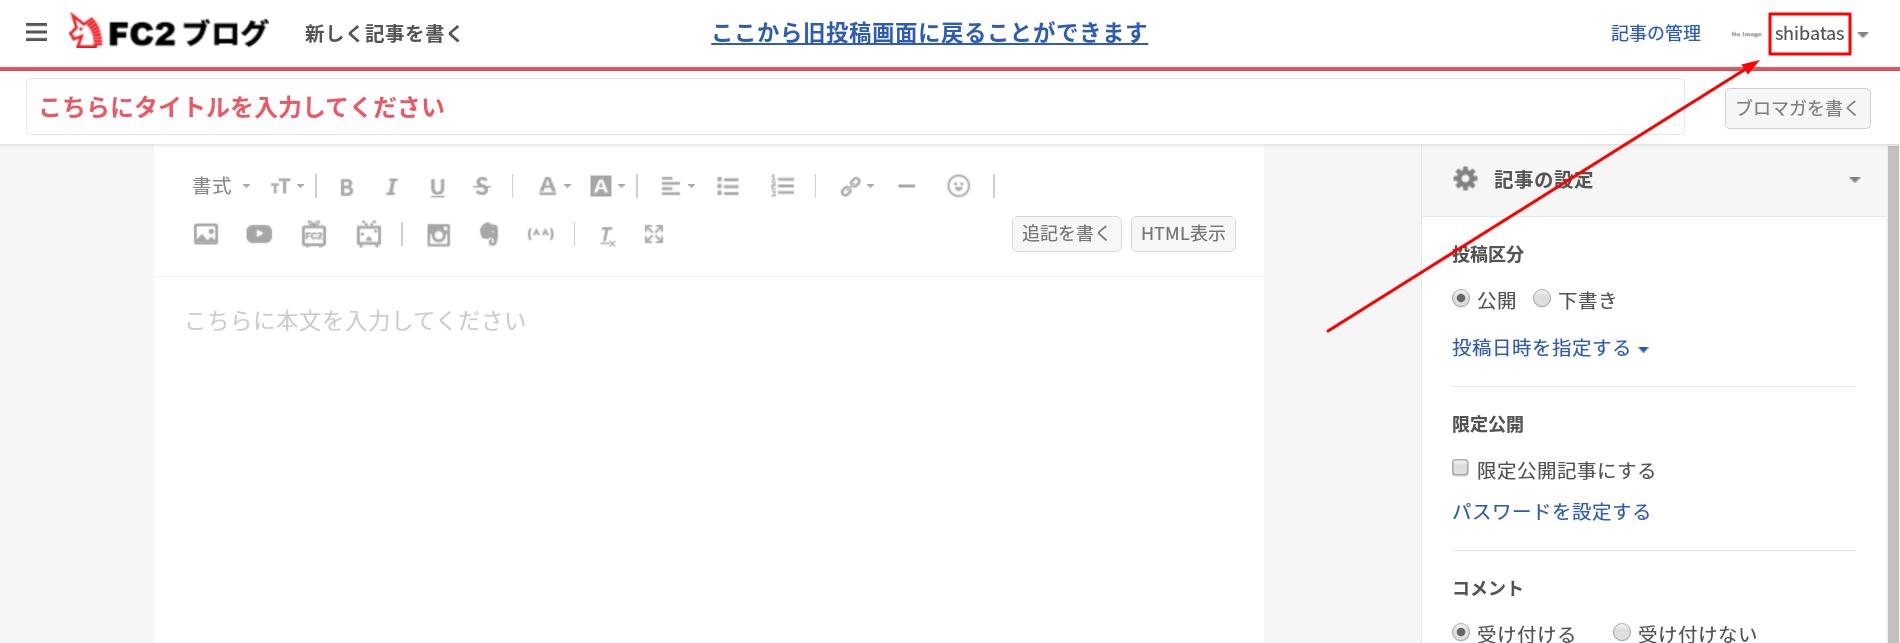 新記事投稿画面の右上に表示される「ブログID(ログインID)」